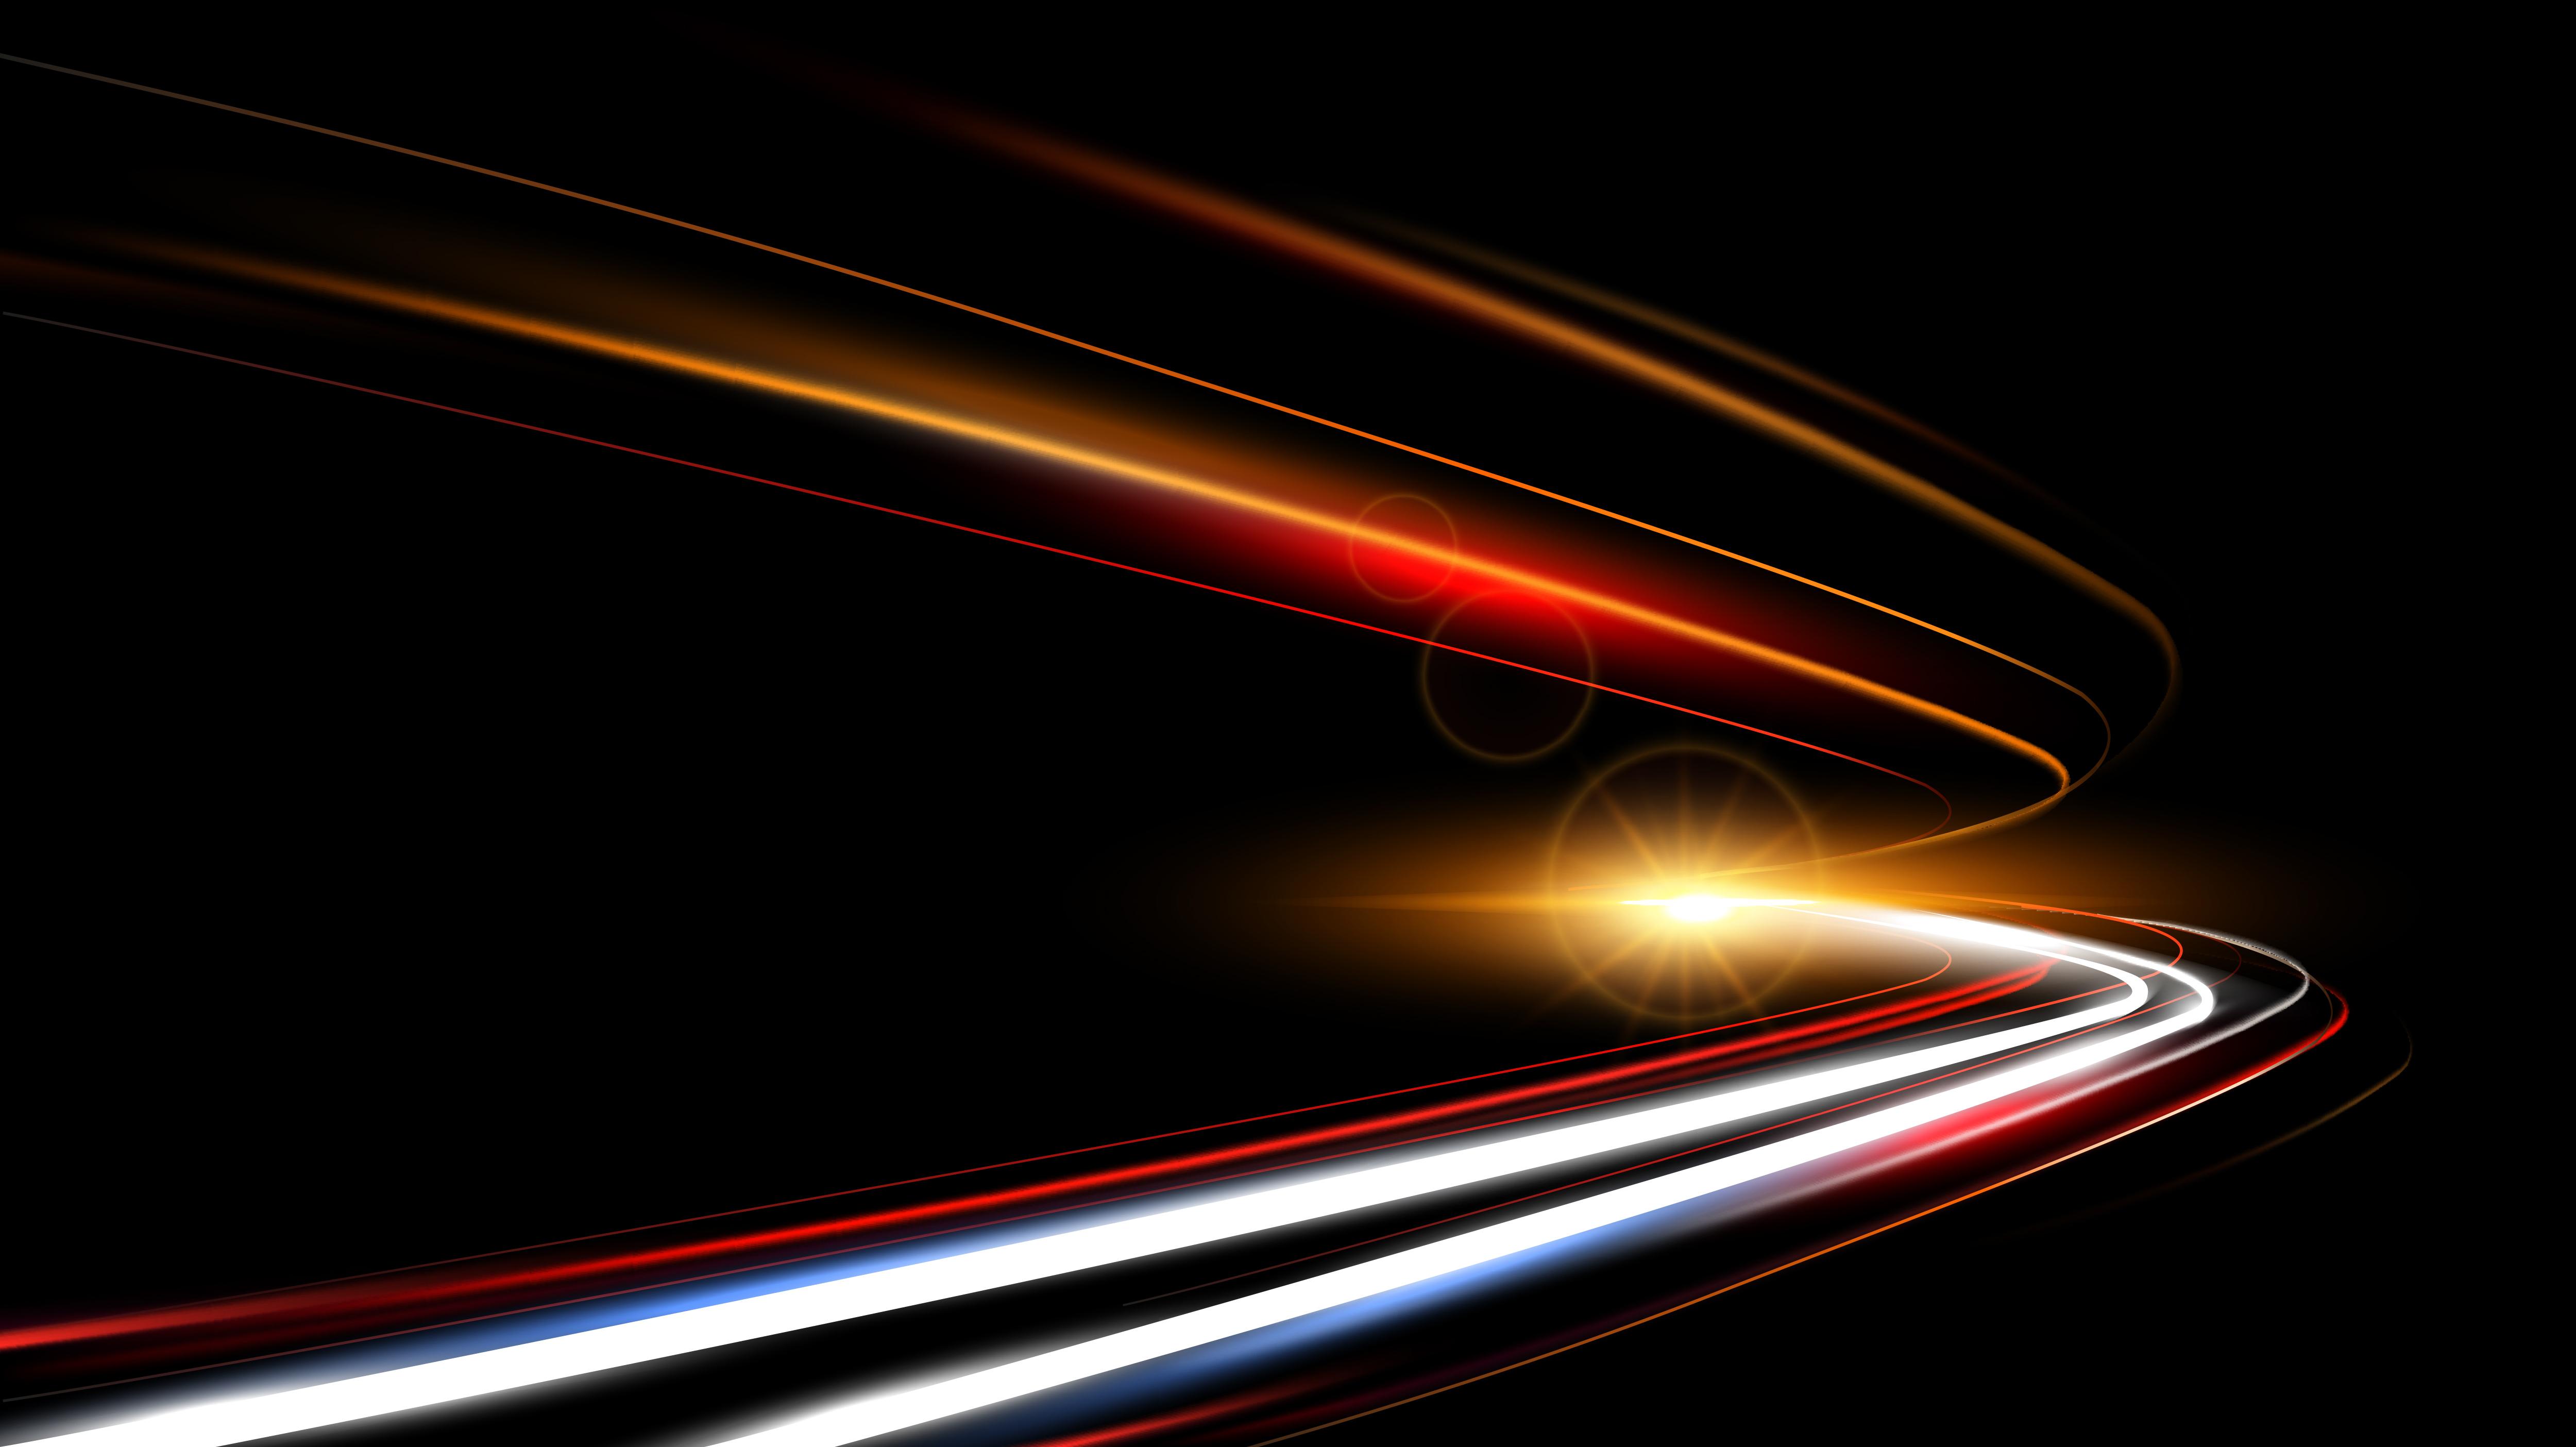 電光石火の速さを感じる